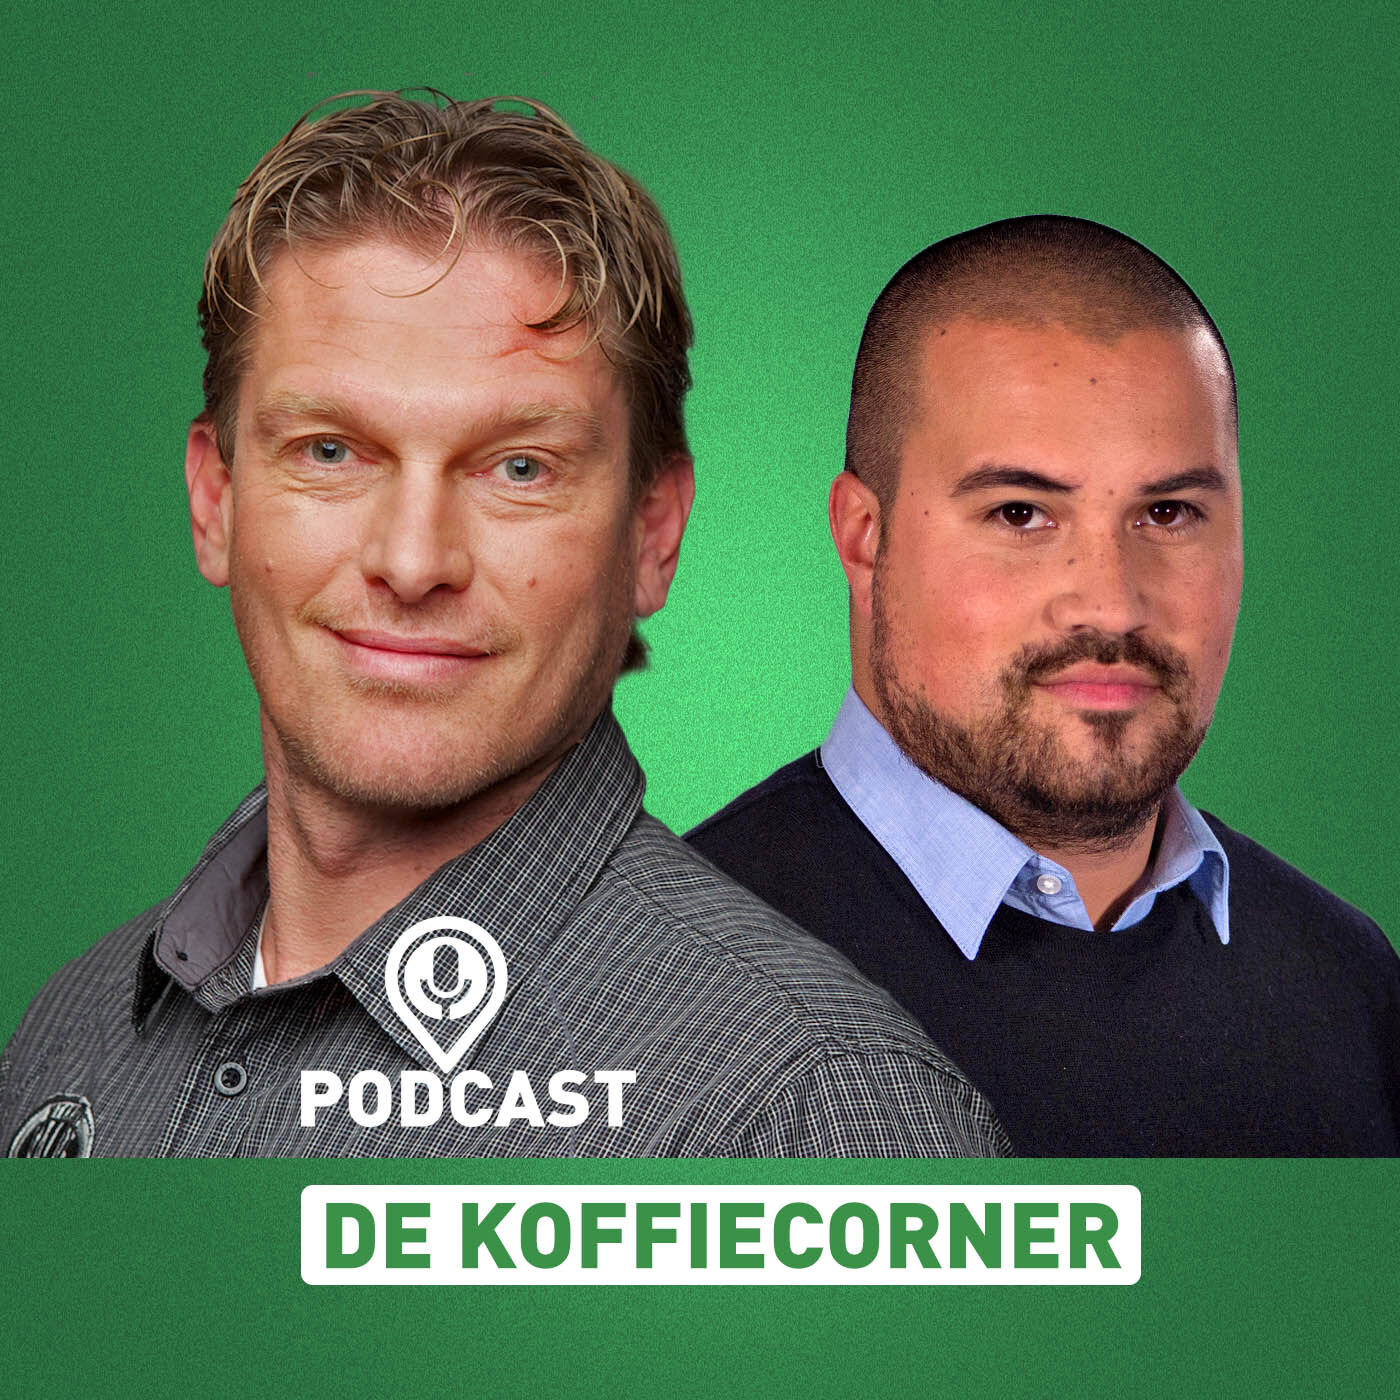 """De Koffiecorner #33: Braal: """"Eind van de maand verwacht ik het eerste spelersnieuws"""""""